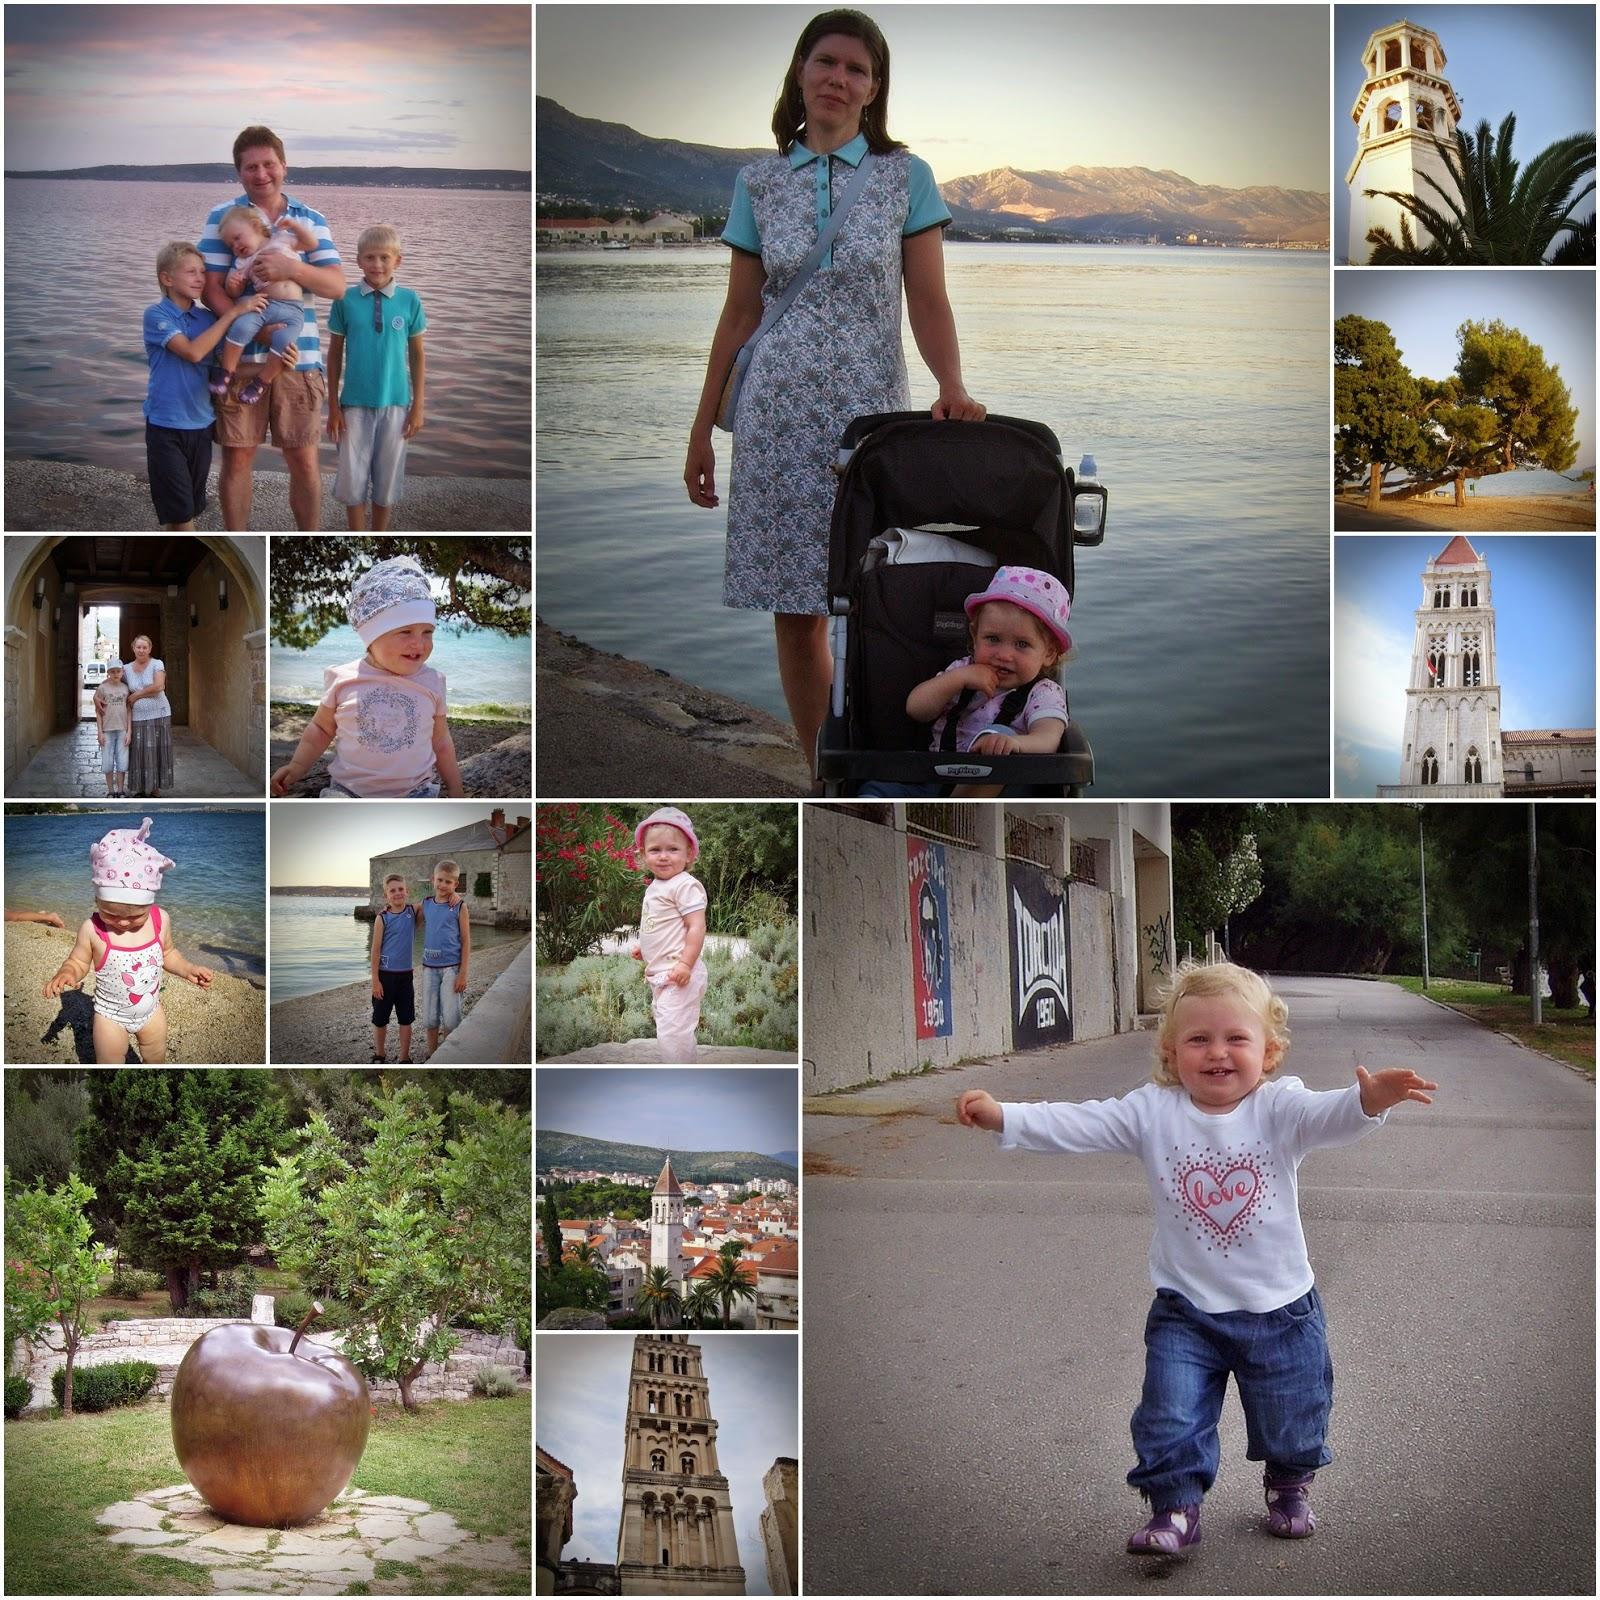 Хорватия. Фото детей на отдыхе